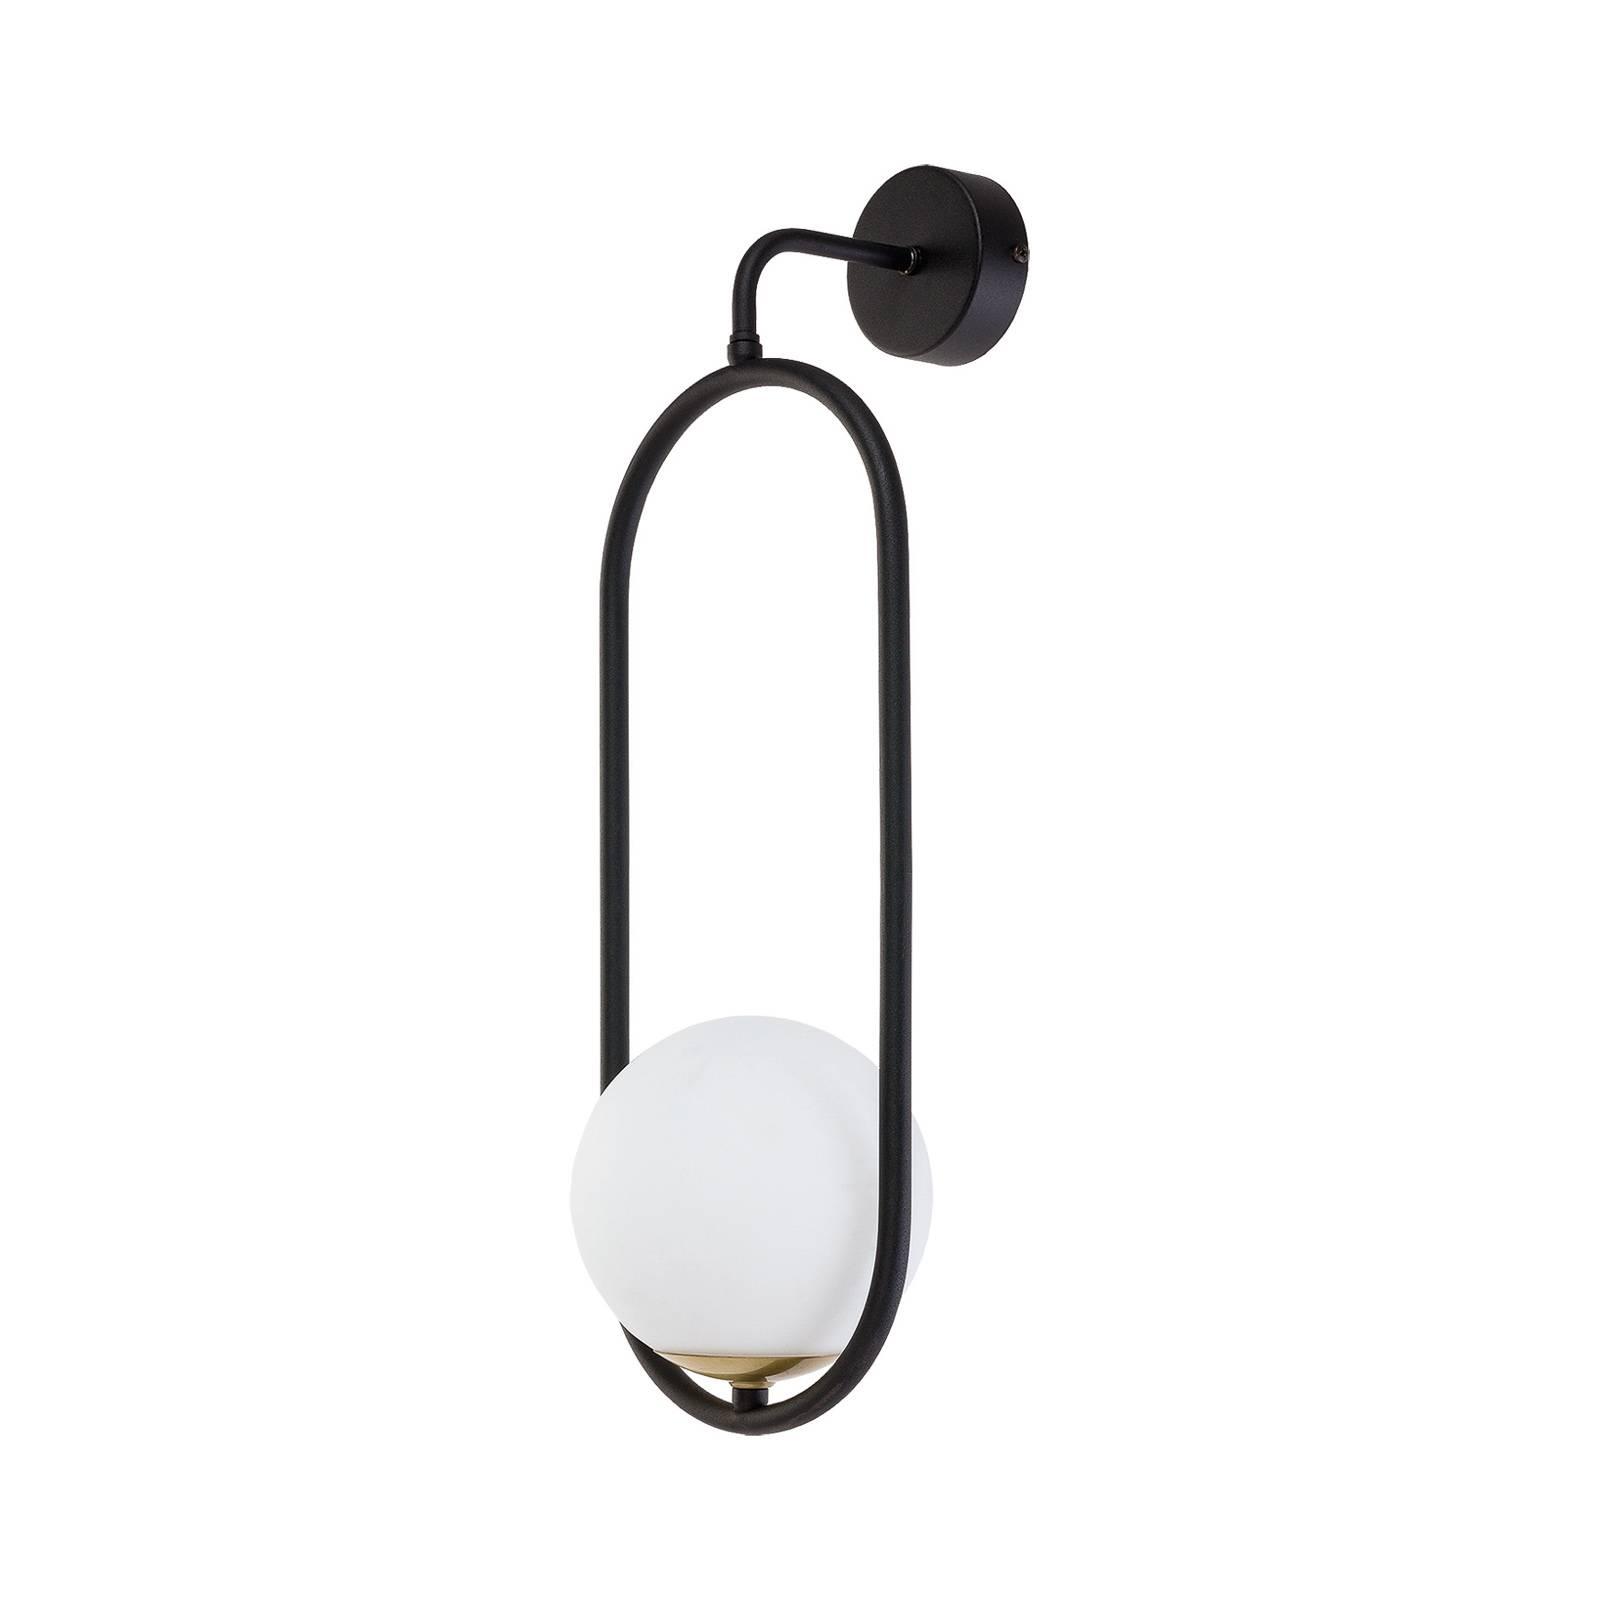 Applique Samba, vetro opale/nero 1 luce